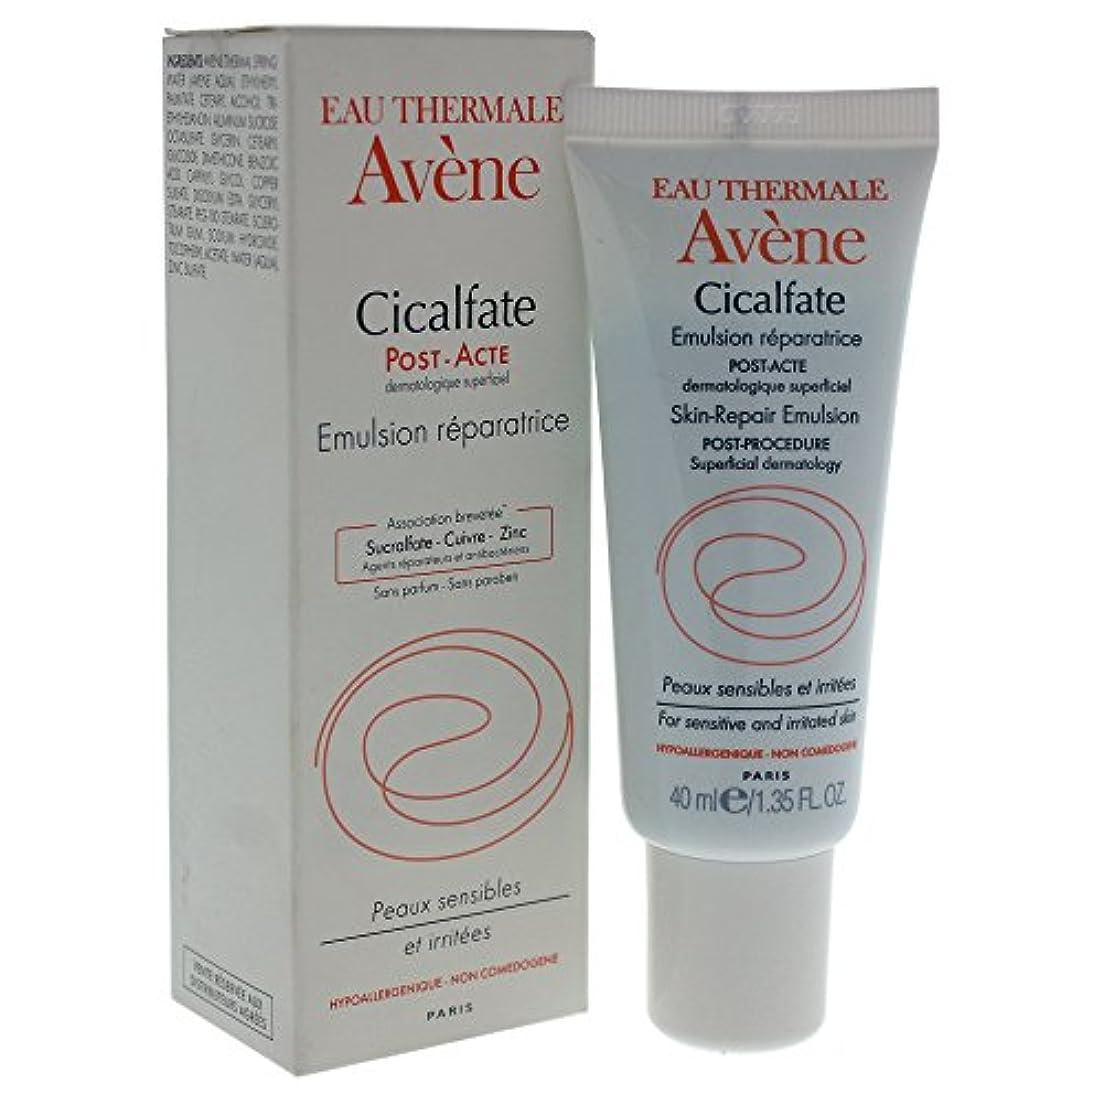 多数の十分ではない良心的Avene Cicalfate Skin Repair Emulsion Post-procedure 40ml [並行輸入品]